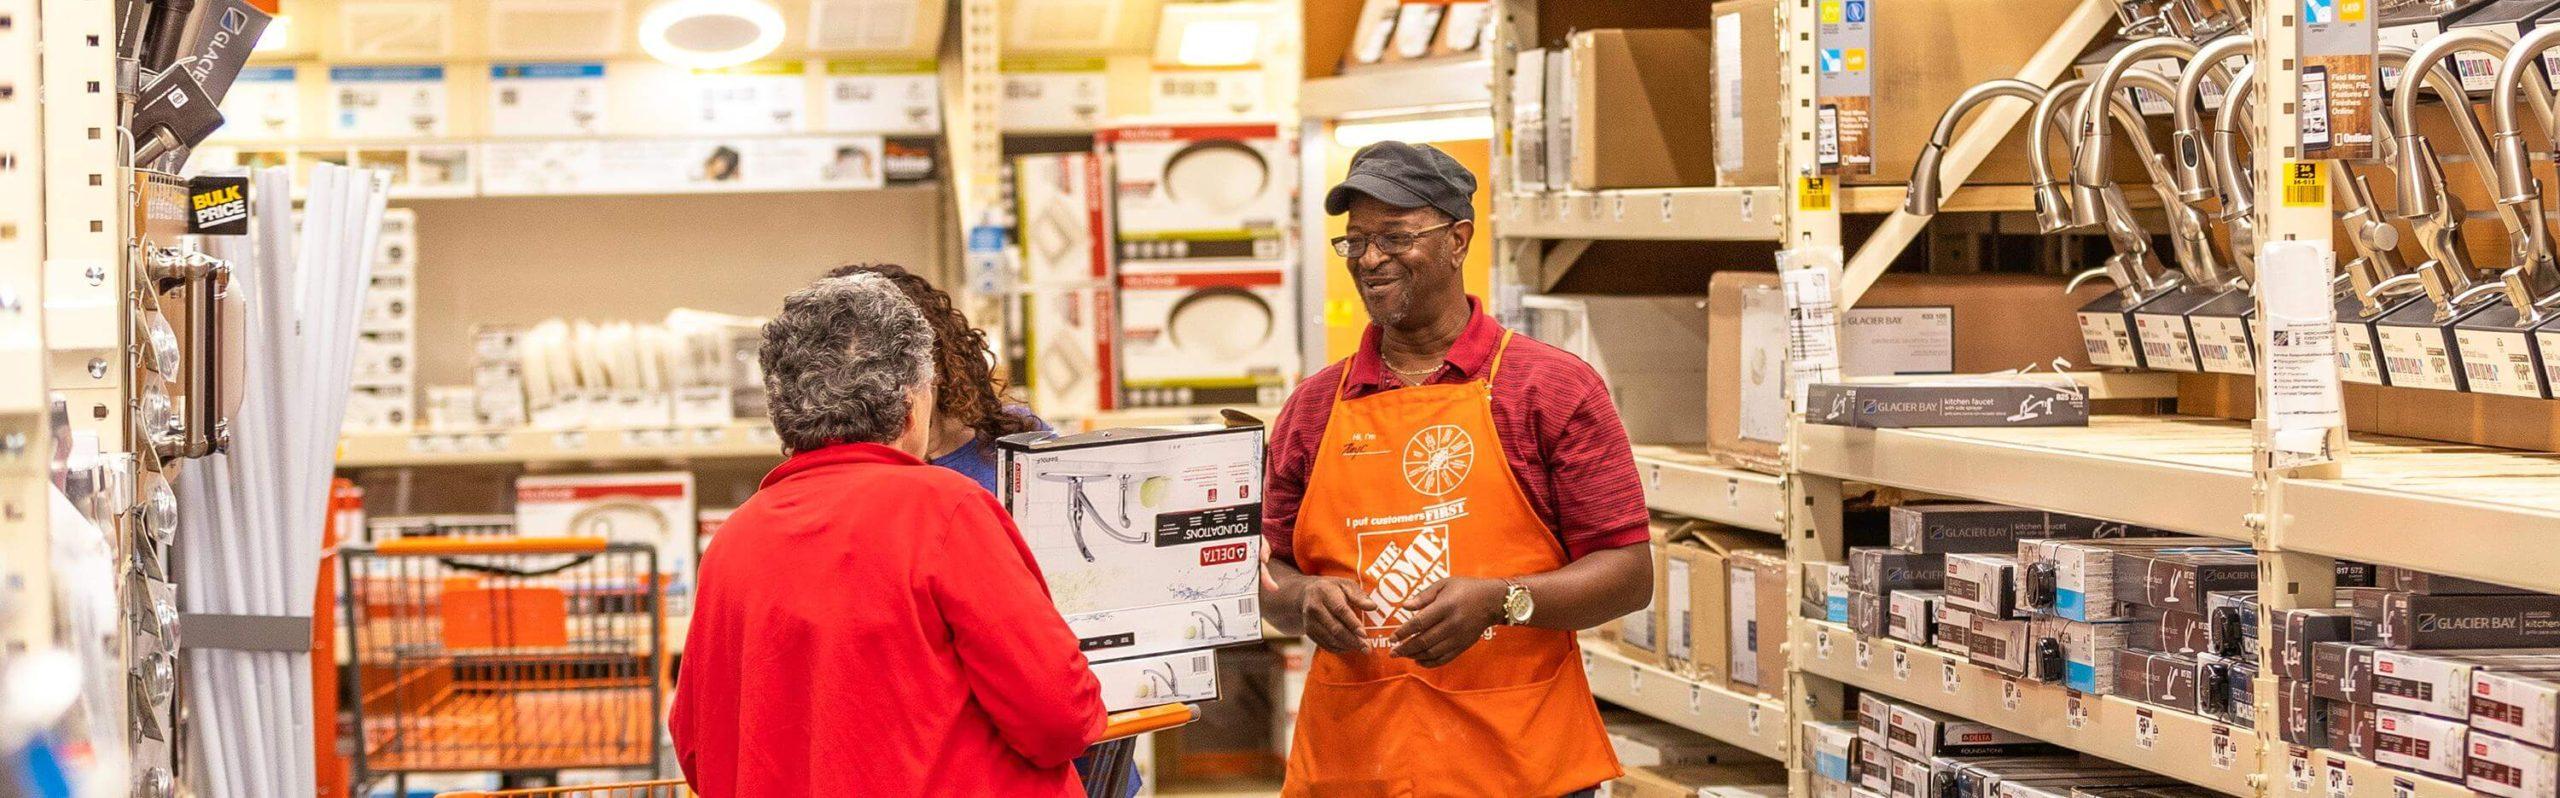 Case Study về nguyên tắc Thấu hiểu khách hàng của Home Depot